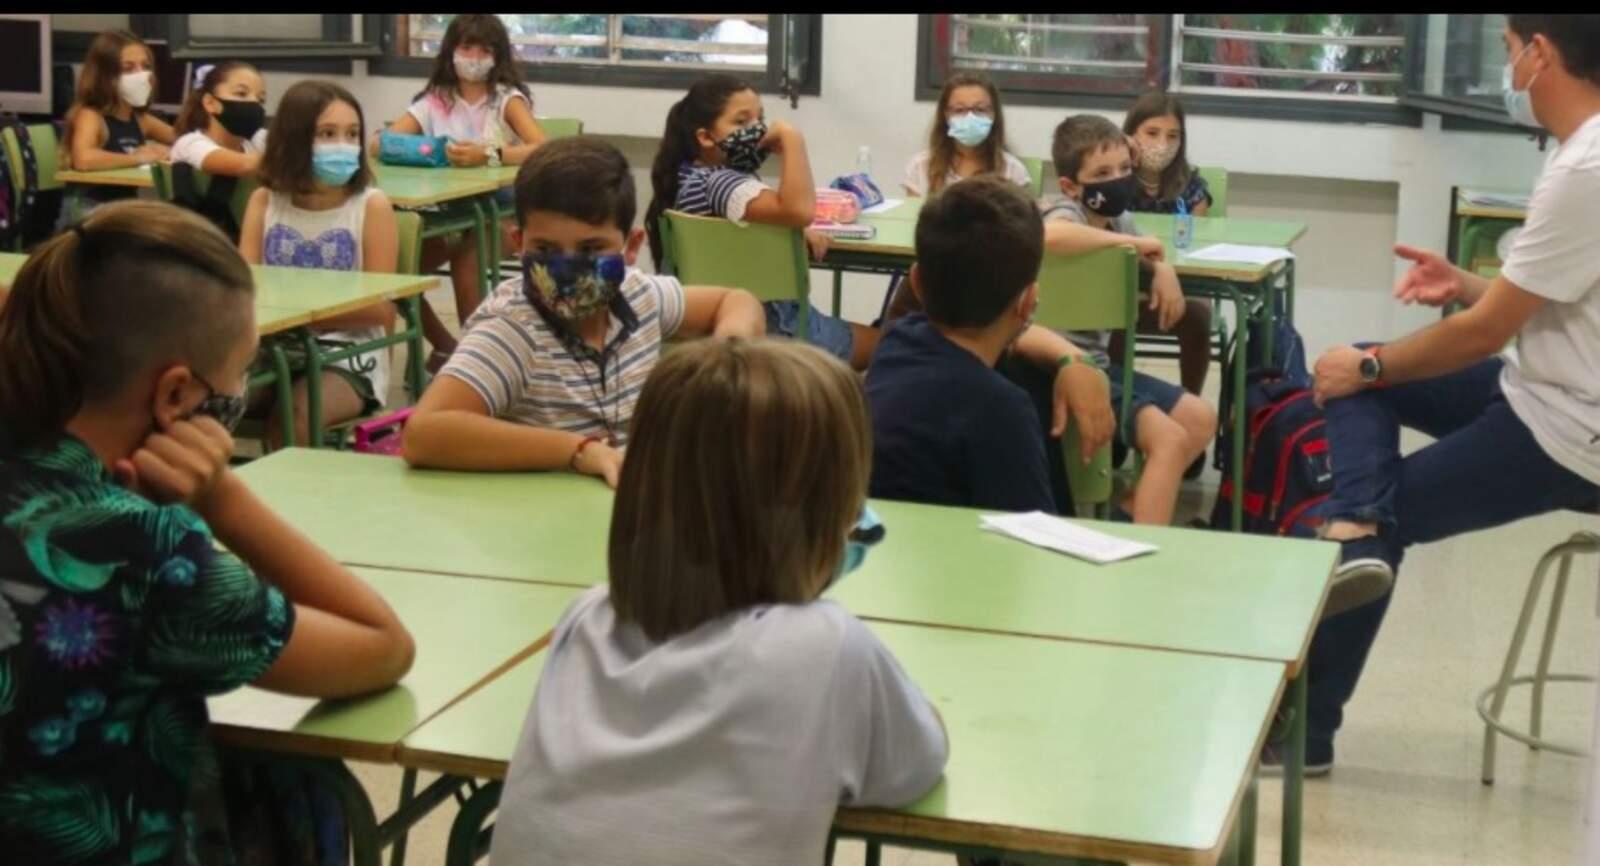 una classe de l'Escola Catalònia de Barcelona amb tots els alumnes amb mascaretes